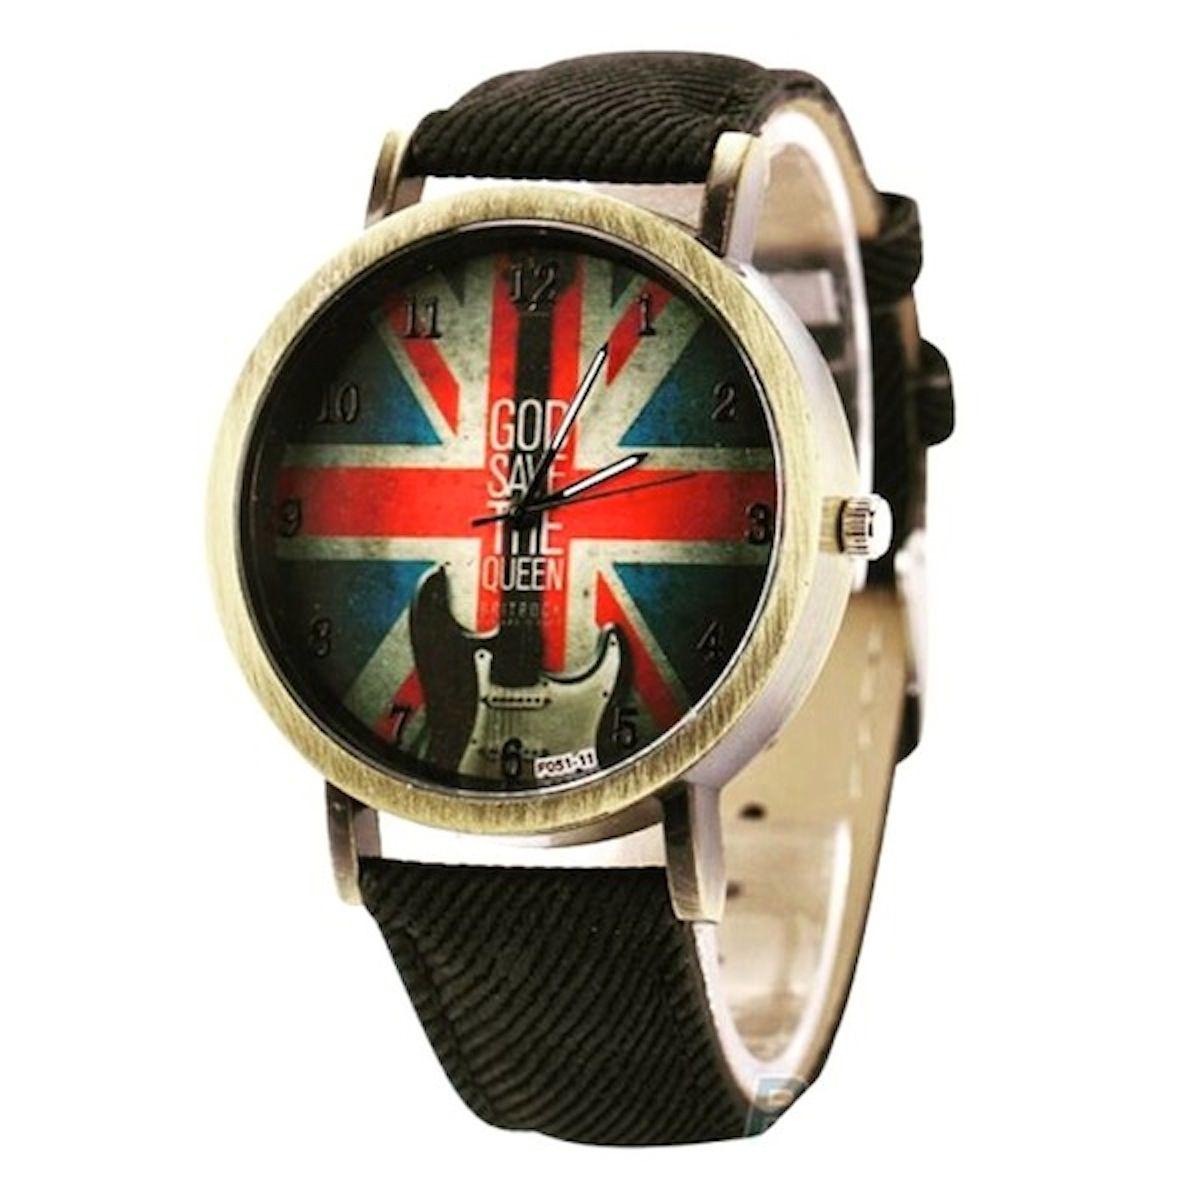 Relógio Bandeira Inglaterra Guitarra Promoção Pulseira Jeans